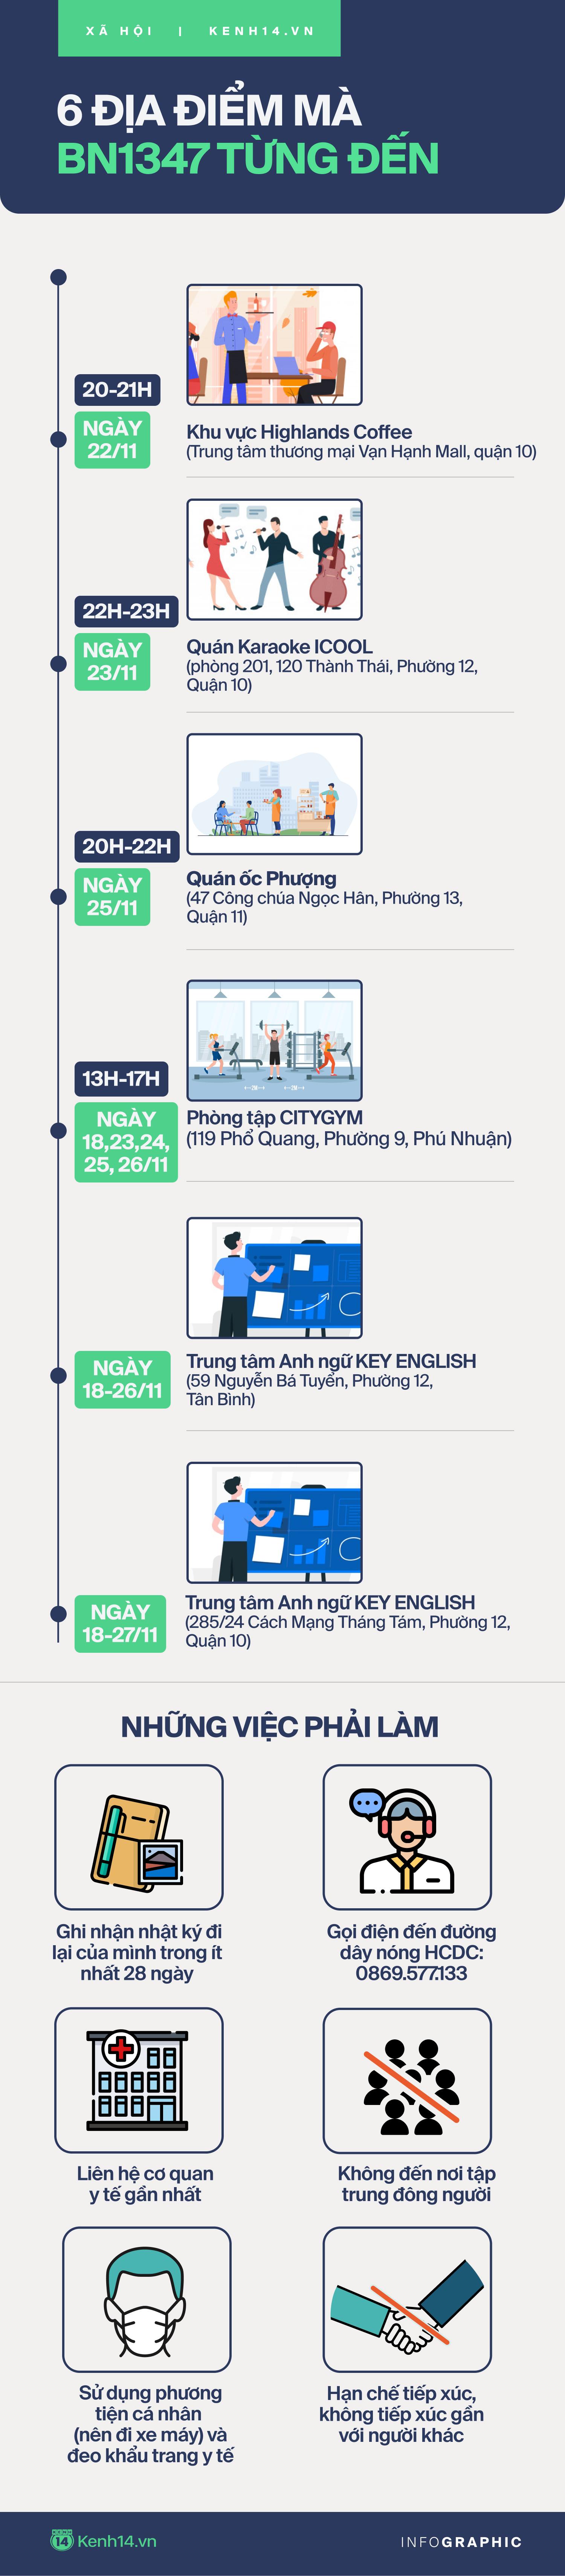 Infographic: Hướng dẫn biện pháp phòng dịch đối với những người từng ghé 6 địa điểm mà BN1347 đã đến